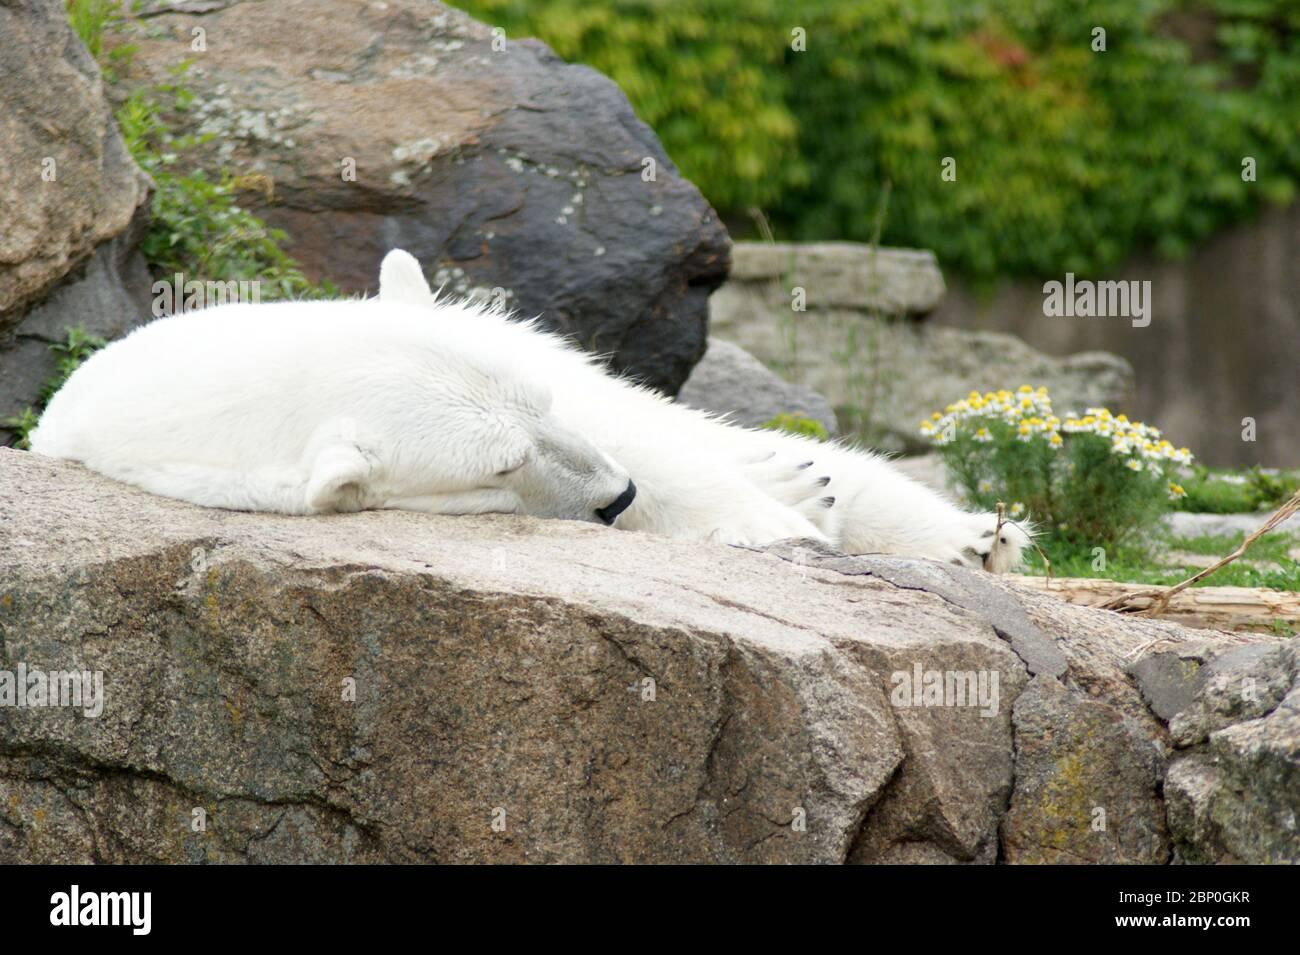 Schlafender Eisbär; sleeping polar bear Stock Photo